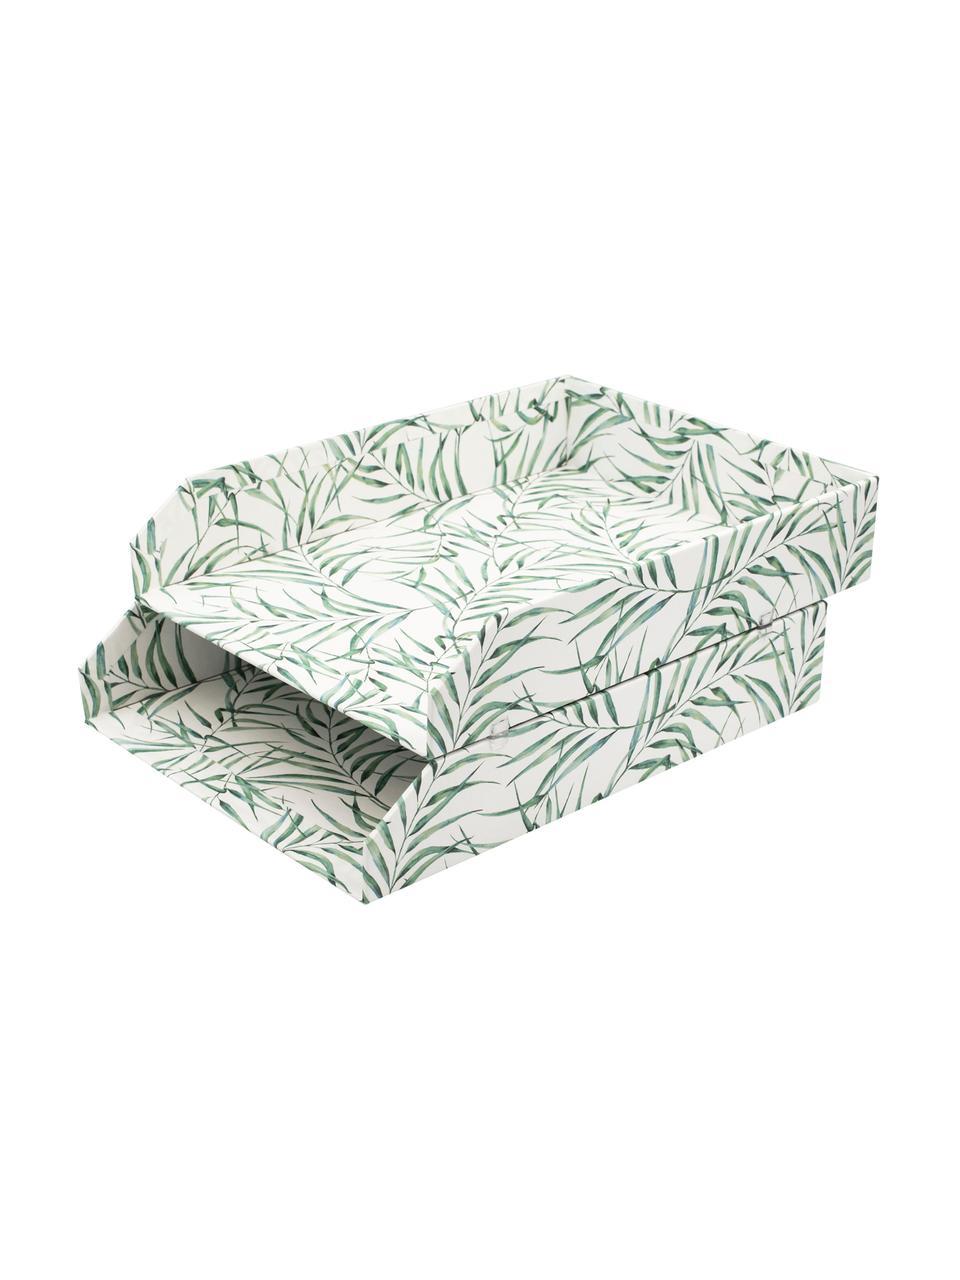 Tacka na dokumenty Leaf, 2 szt., Tektura laminowana, Biały, zielony, S 23 x G 31 cm